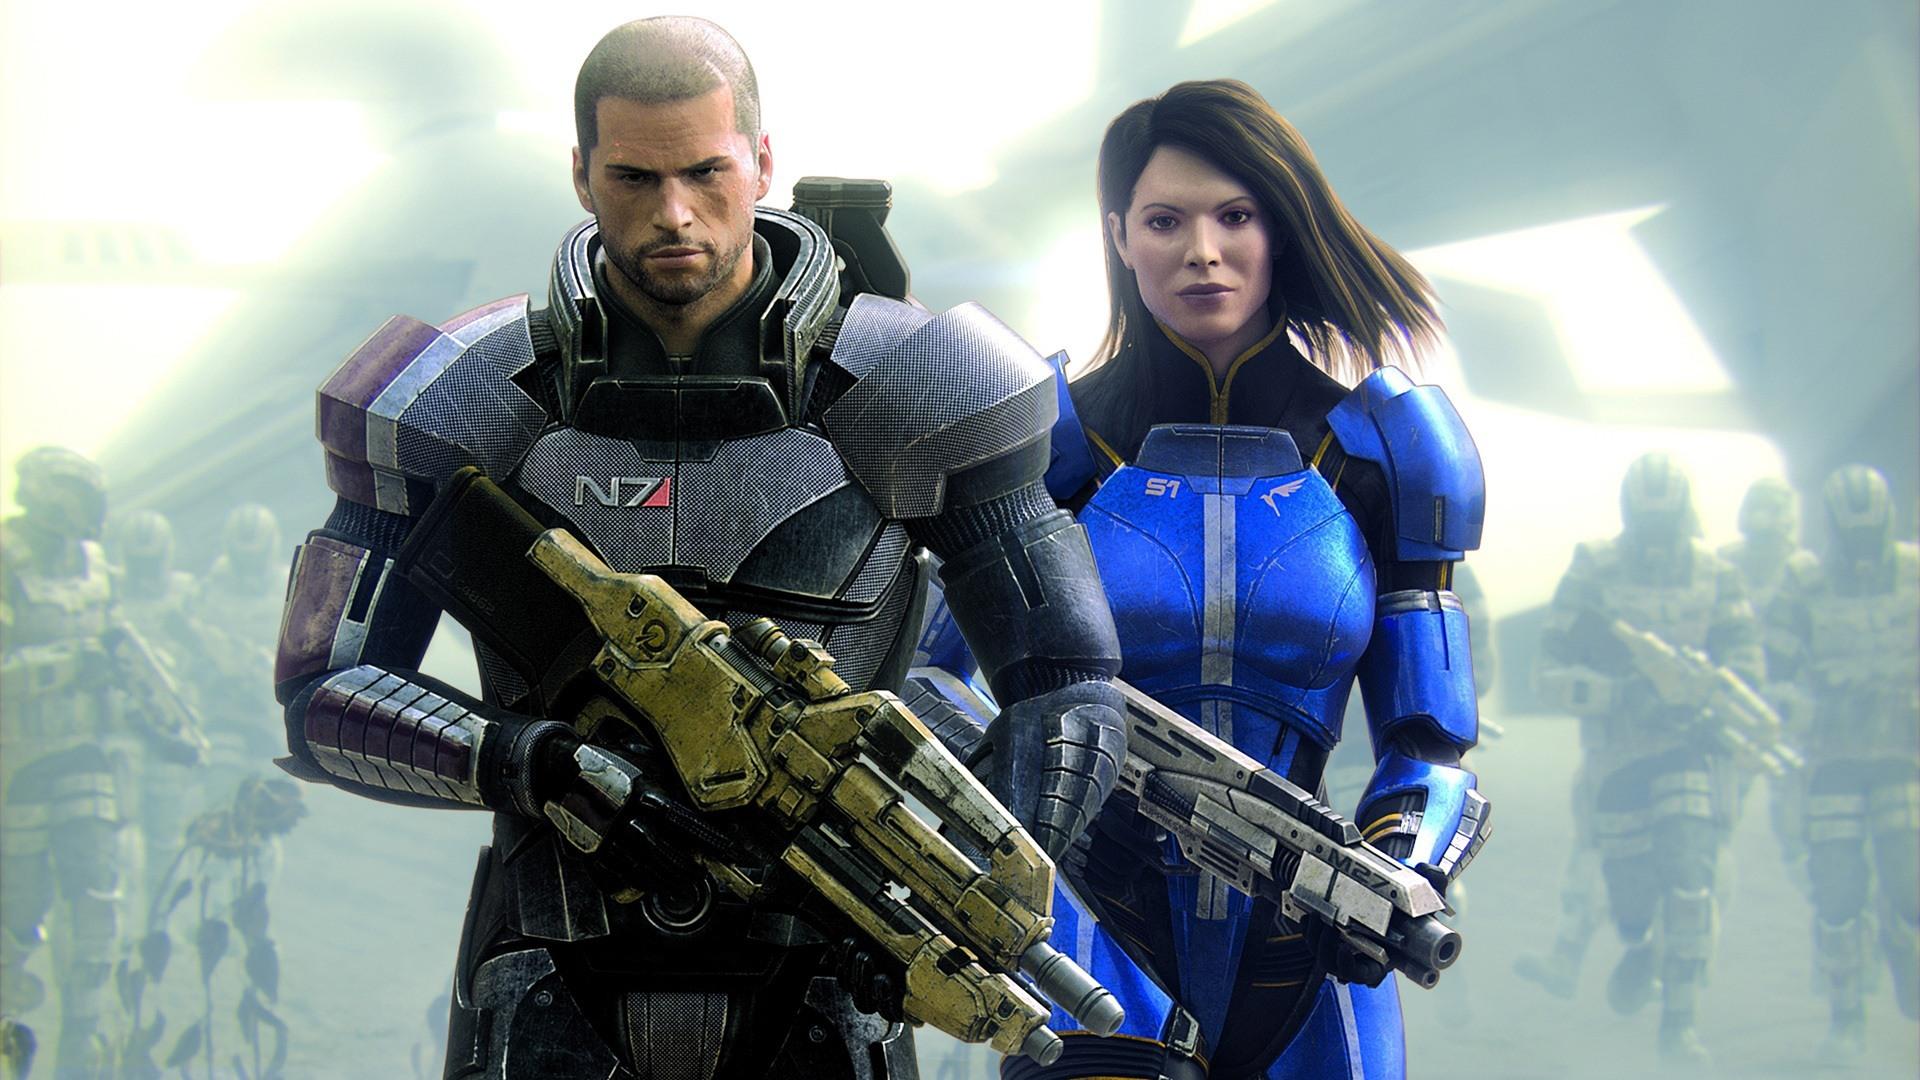 Mass Effect 4 New Age wallpaper 1